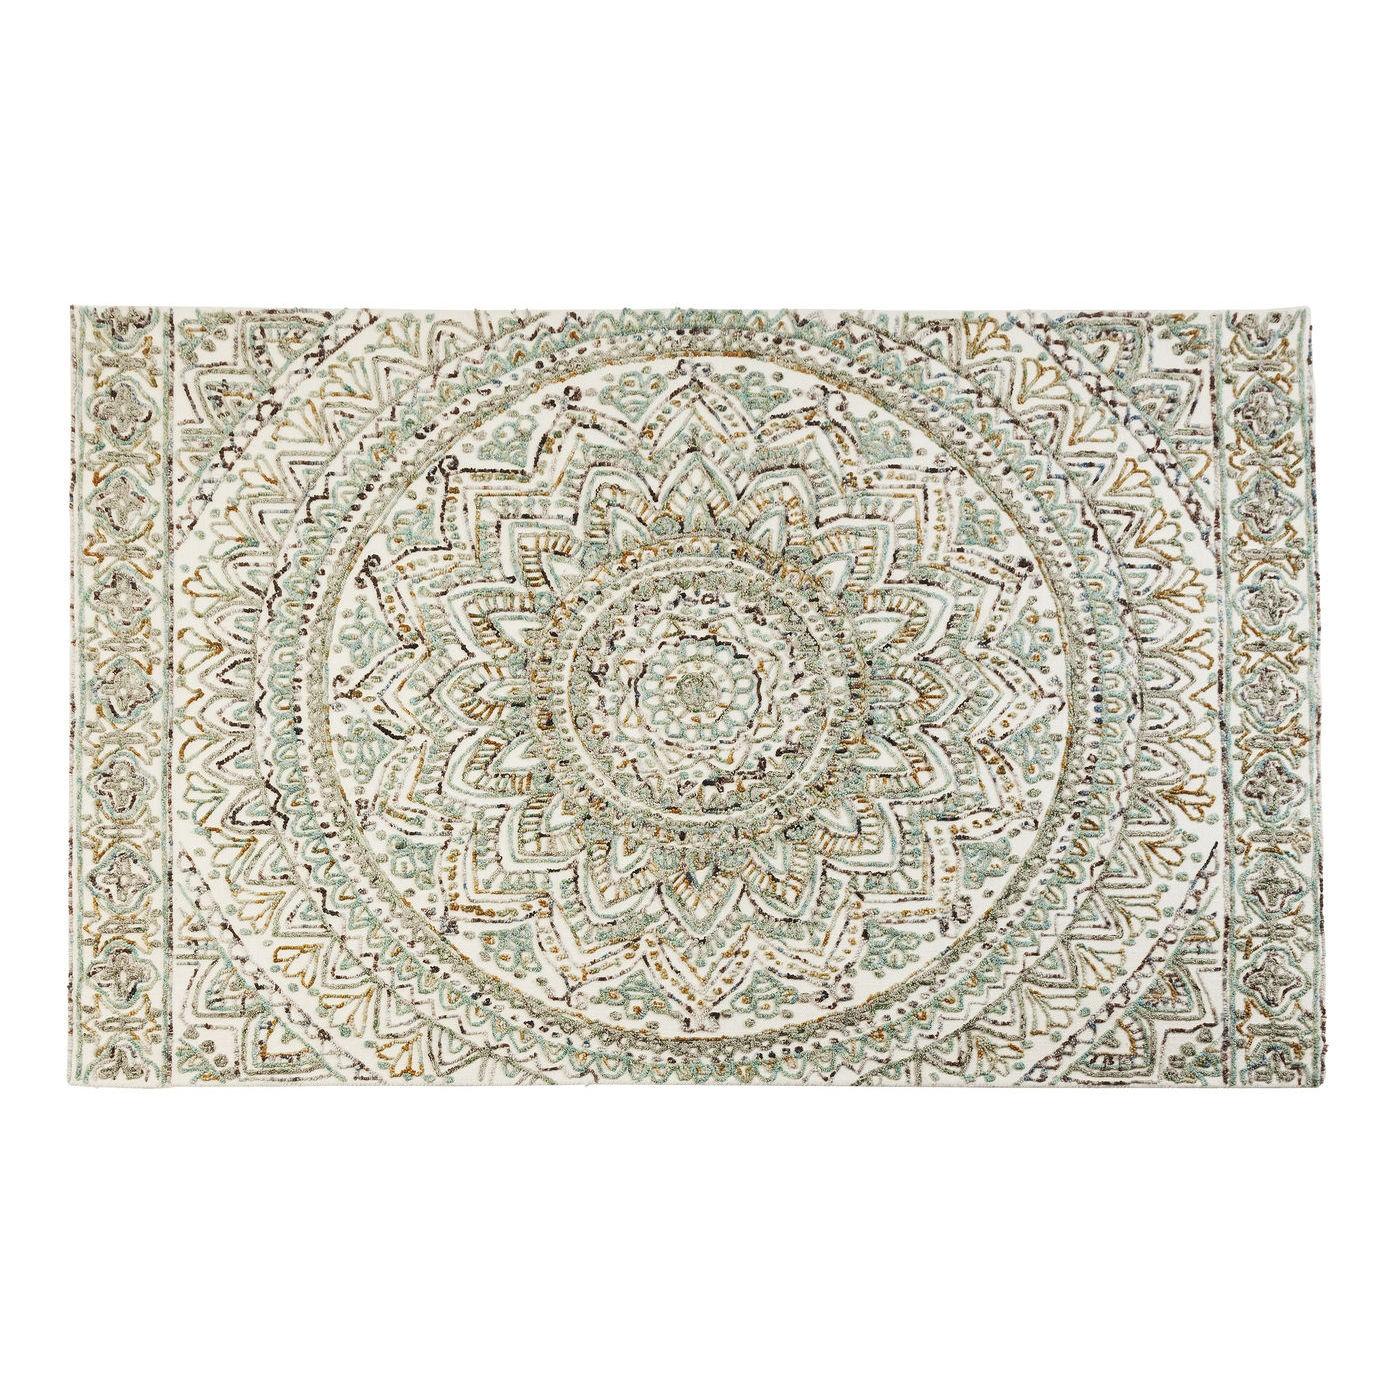 Billede af Tæppe Arabian Flower 300 x 200 cm